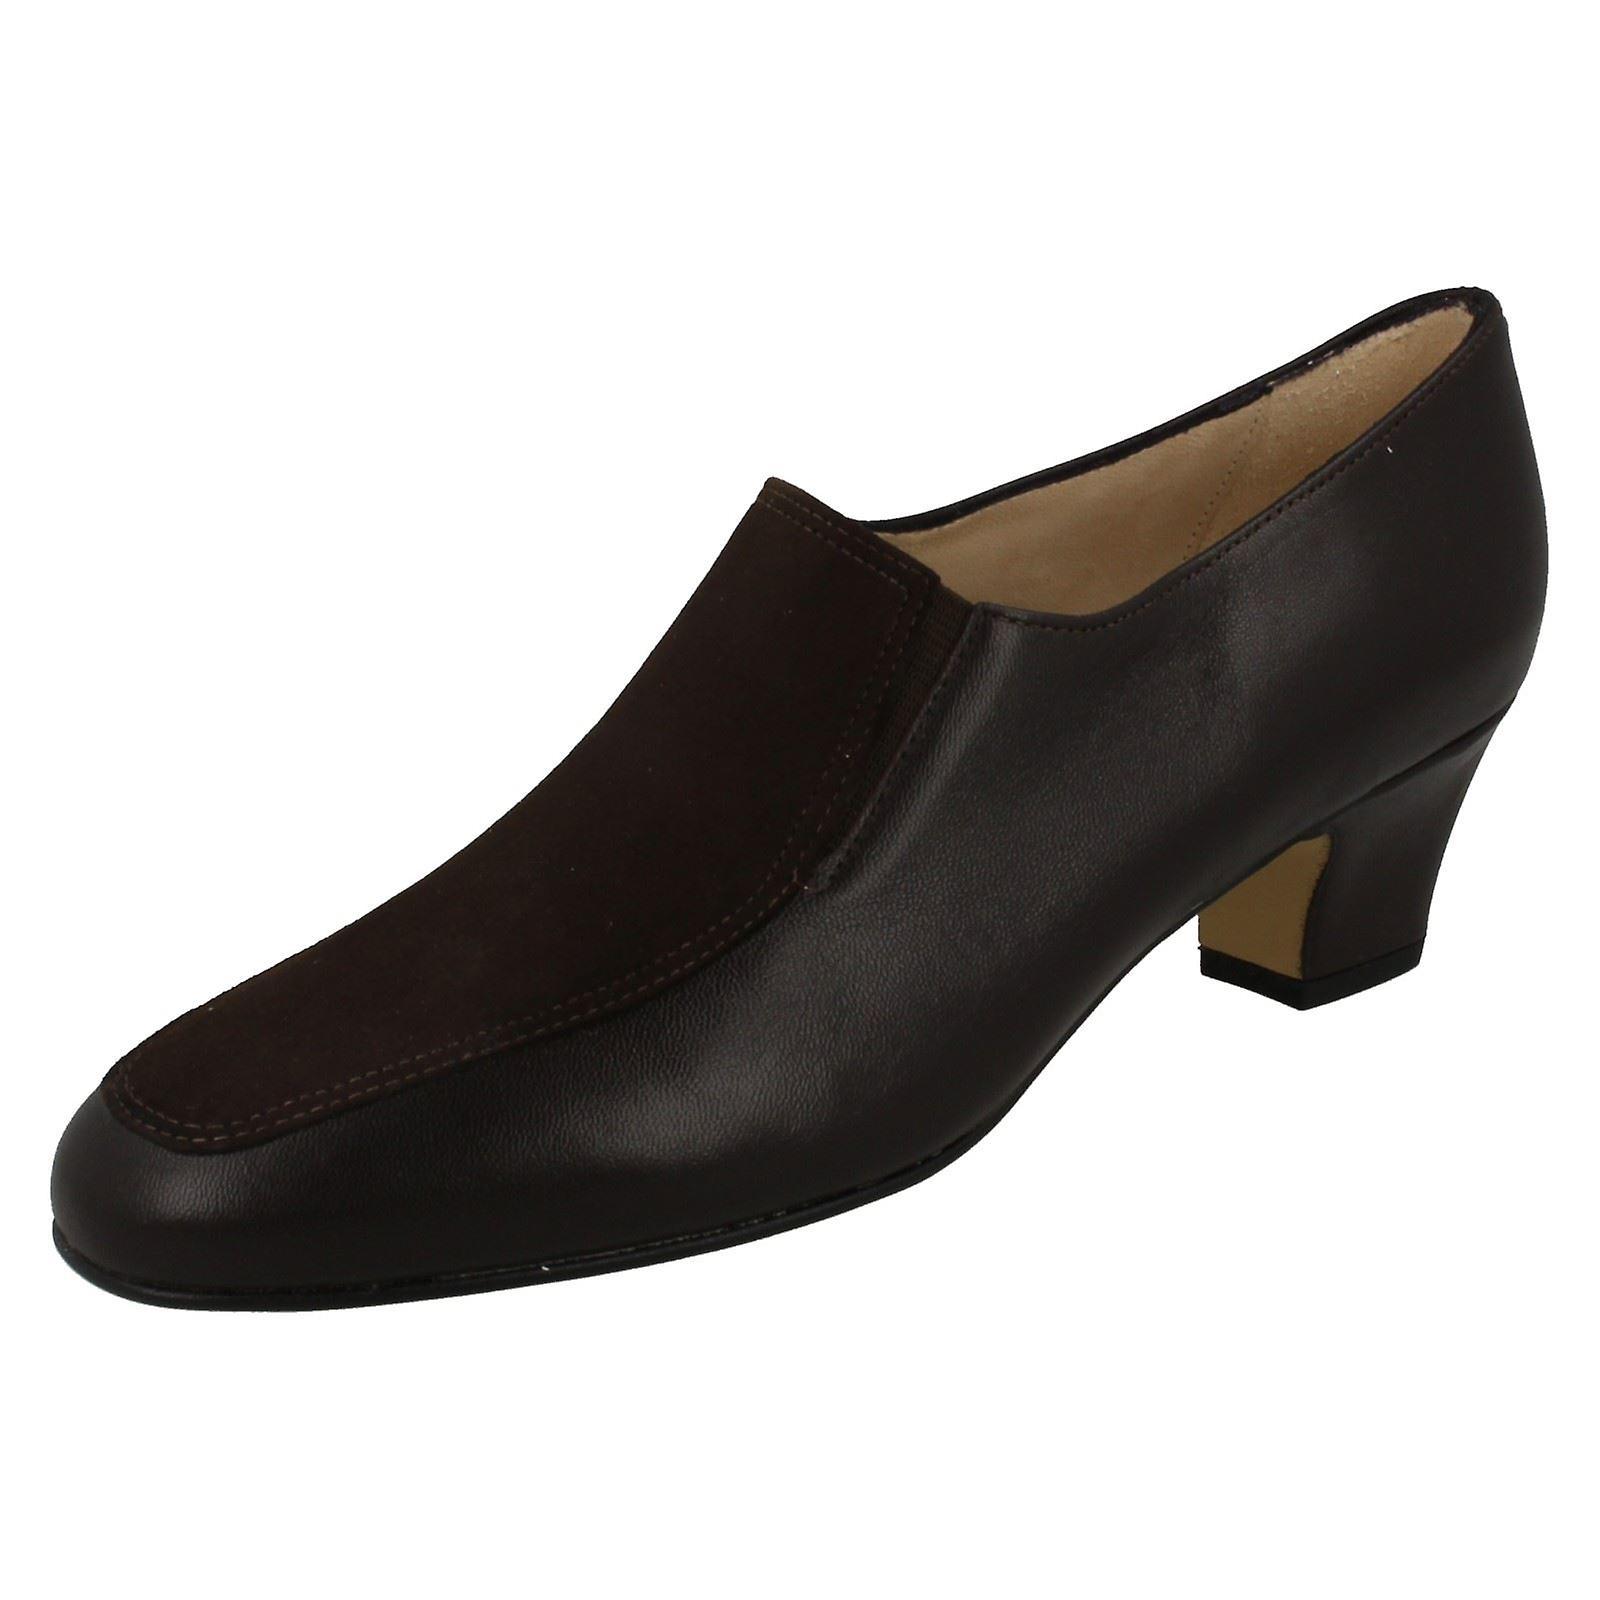 Ladies scarpe Nil similitudine Corte Becky